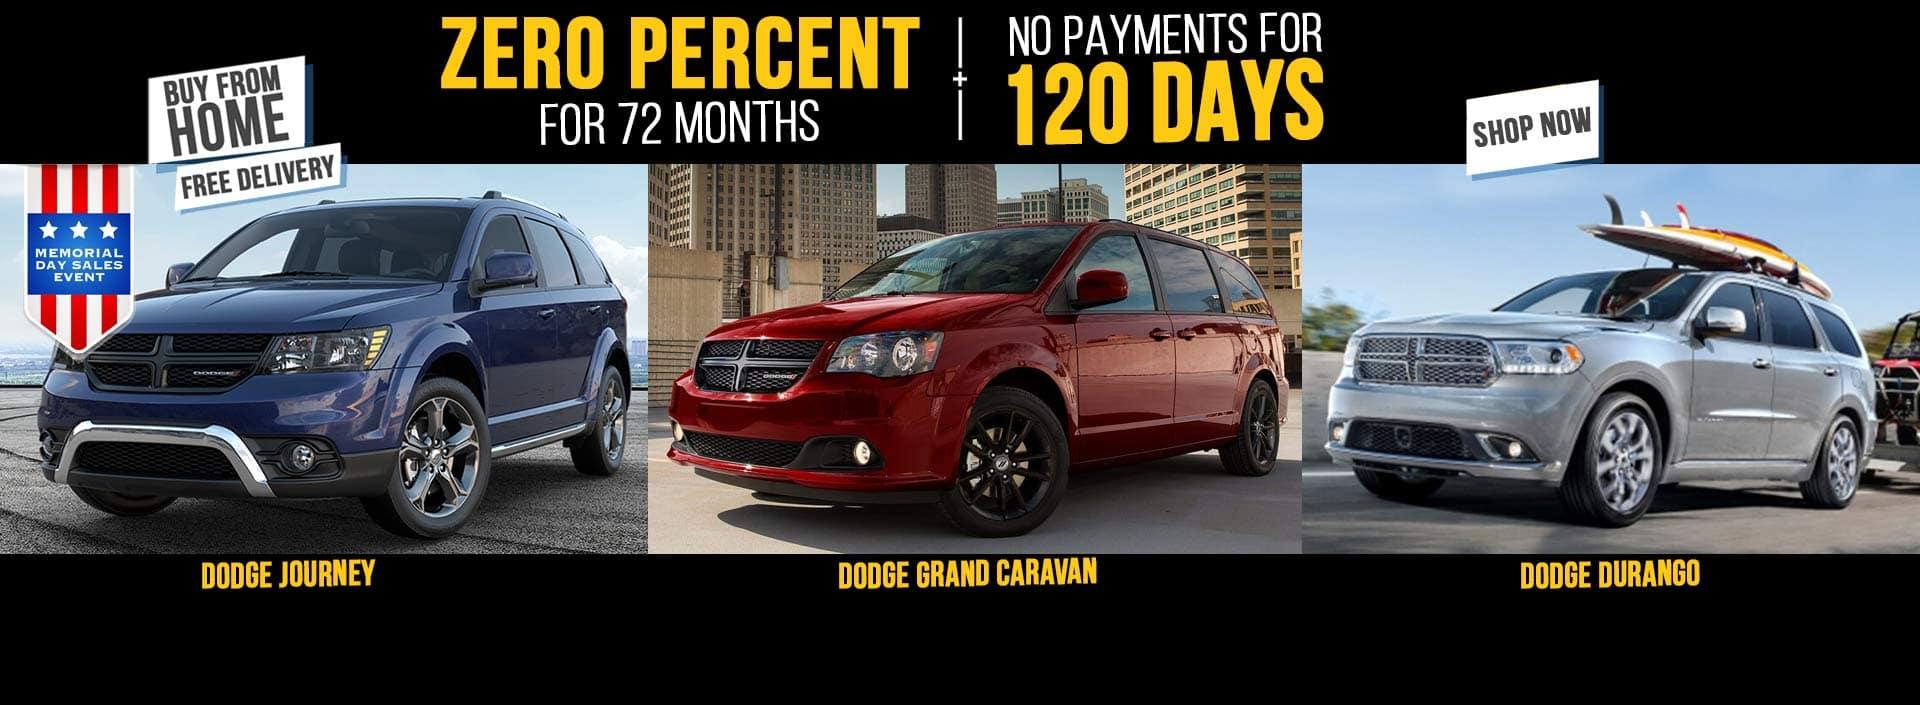 Memorial Day Dodge Journey Sale